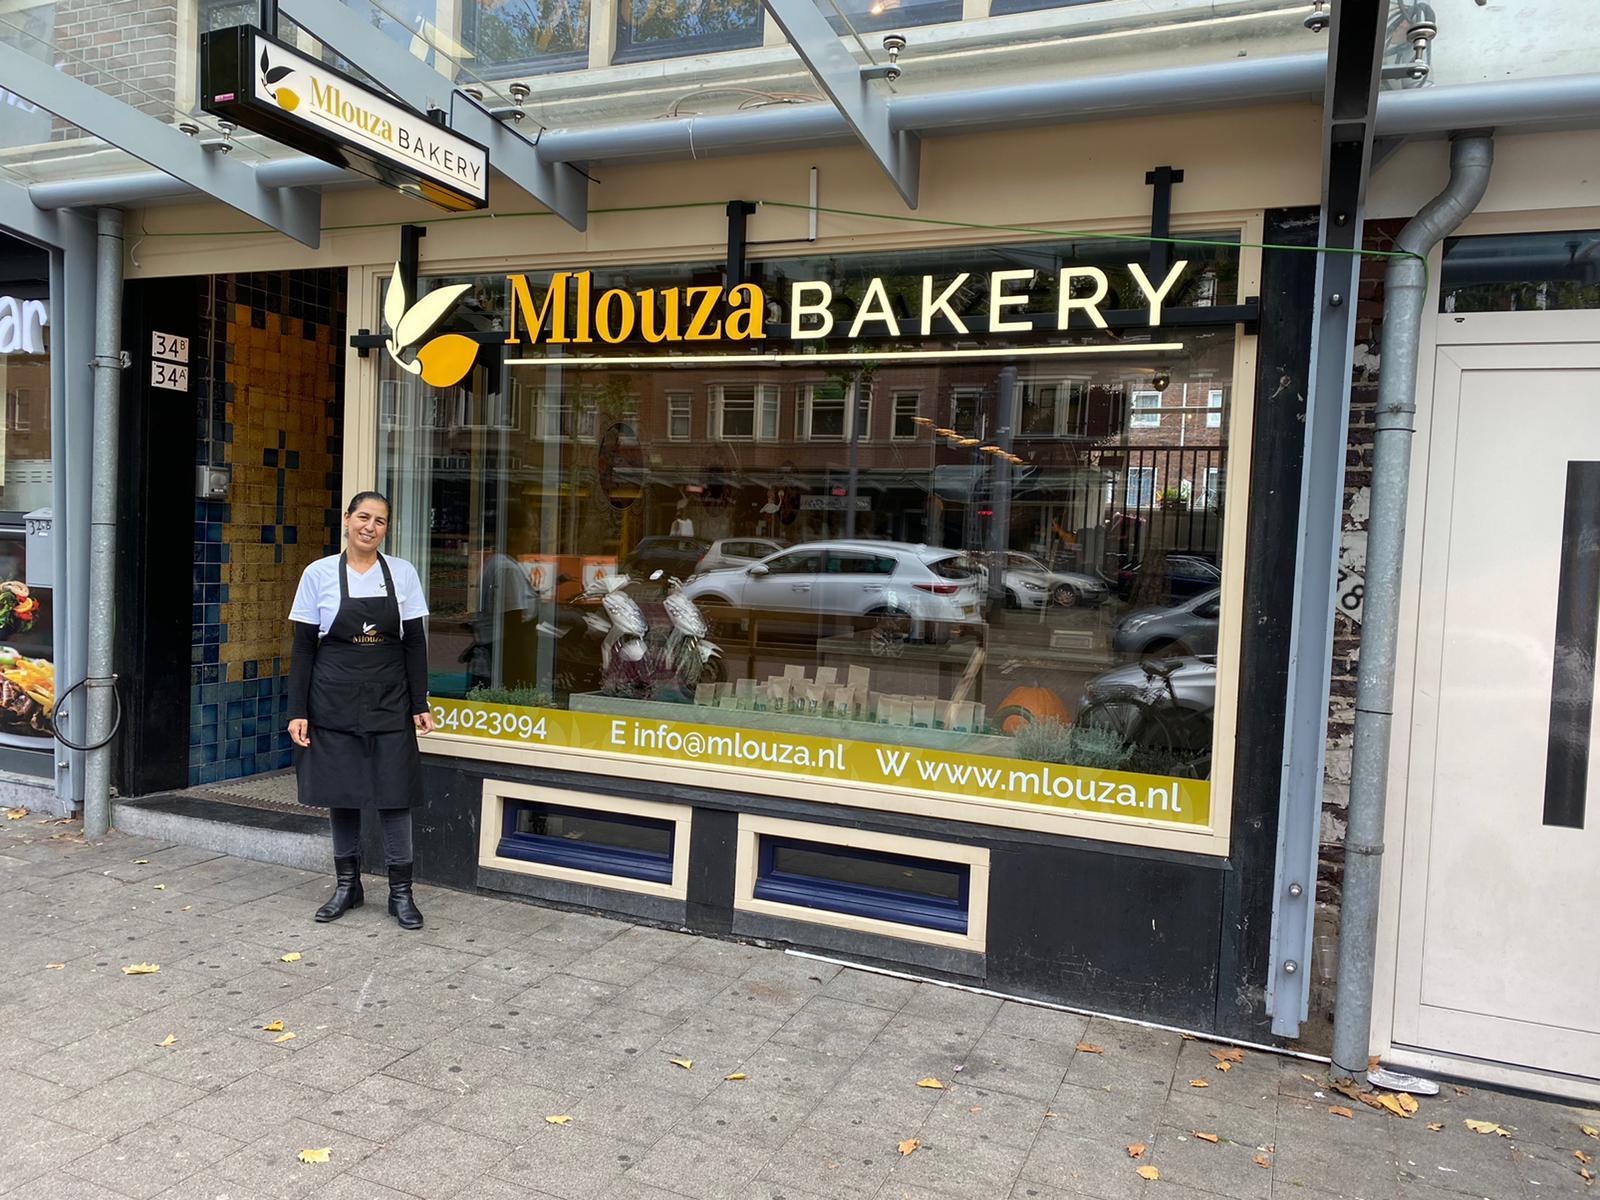 Welkom mlouza bakery: Positief en creatief, juist nu!